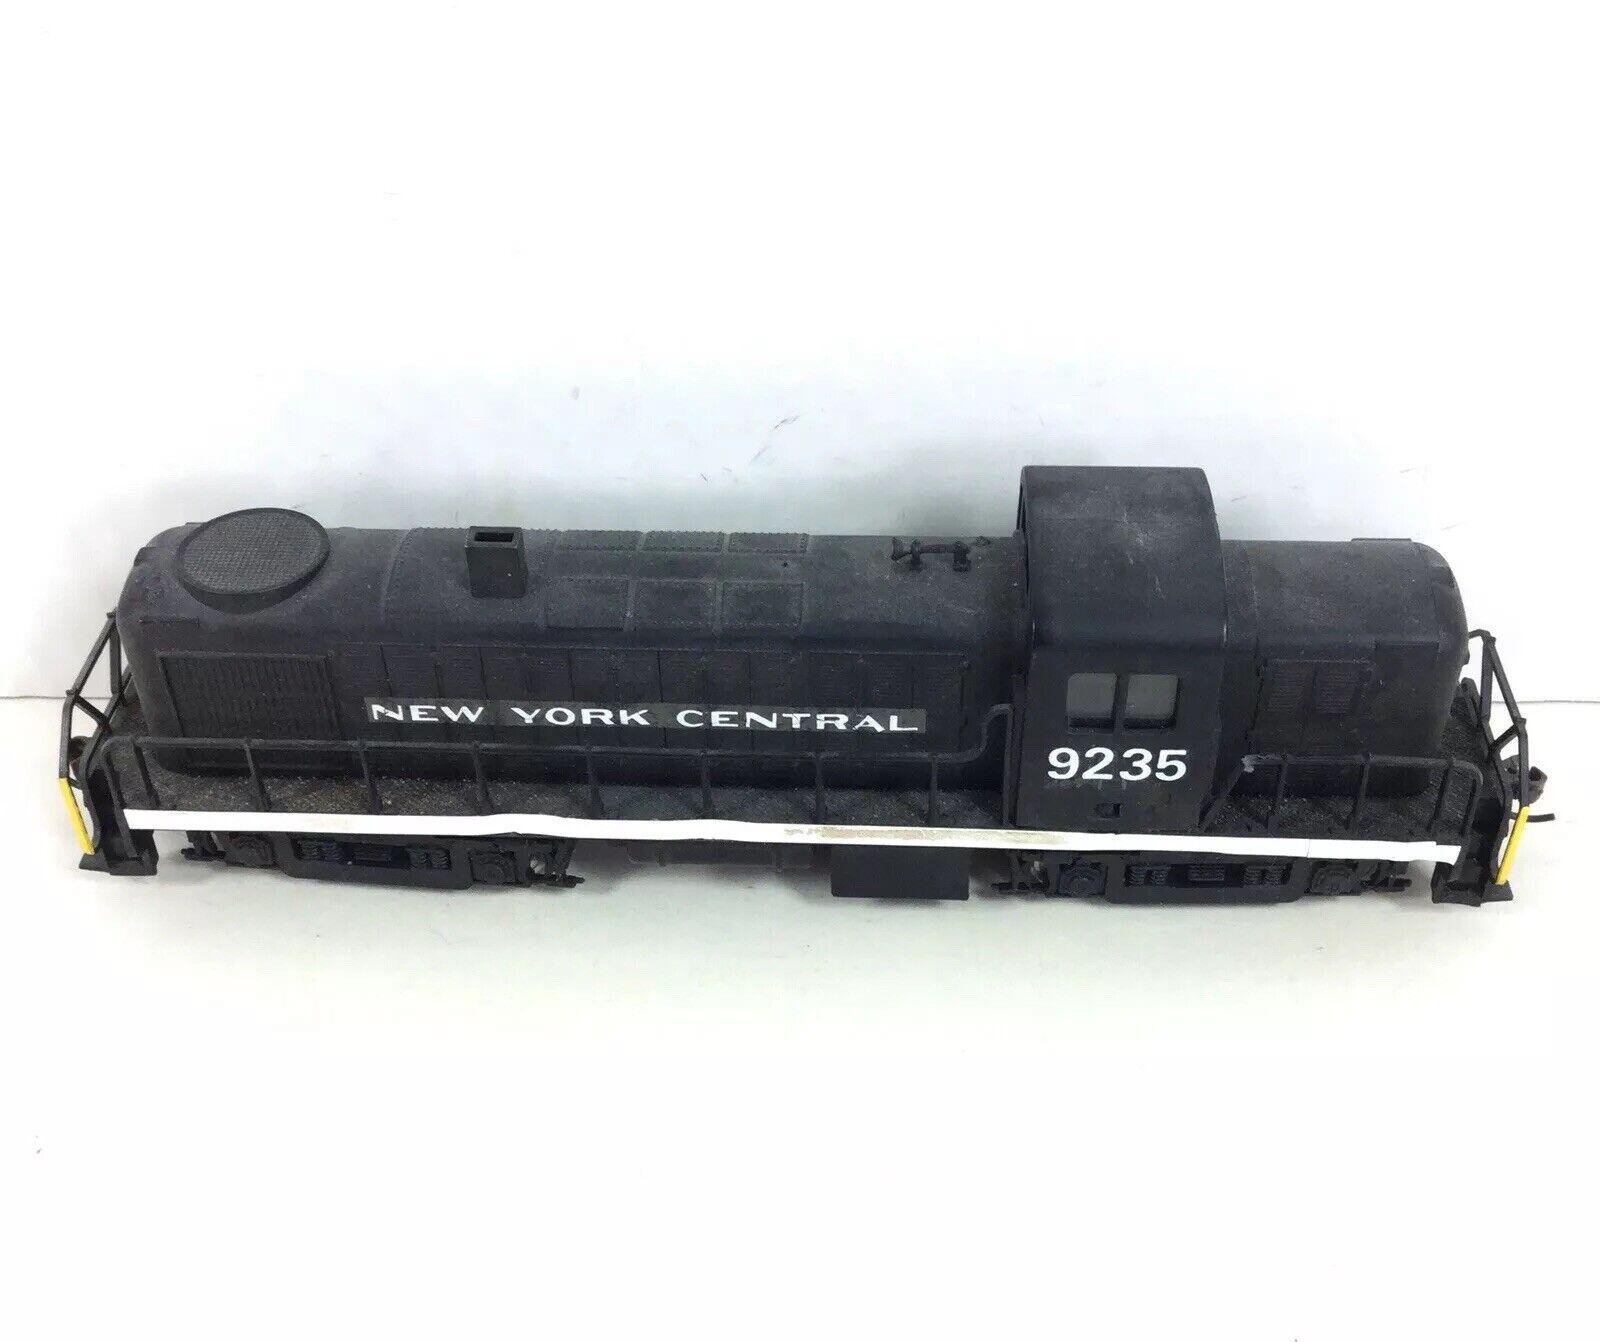 RSO Escala Ho Nueva York Central 9235 Motor Diesel Maniquí Vintage Sin Probar